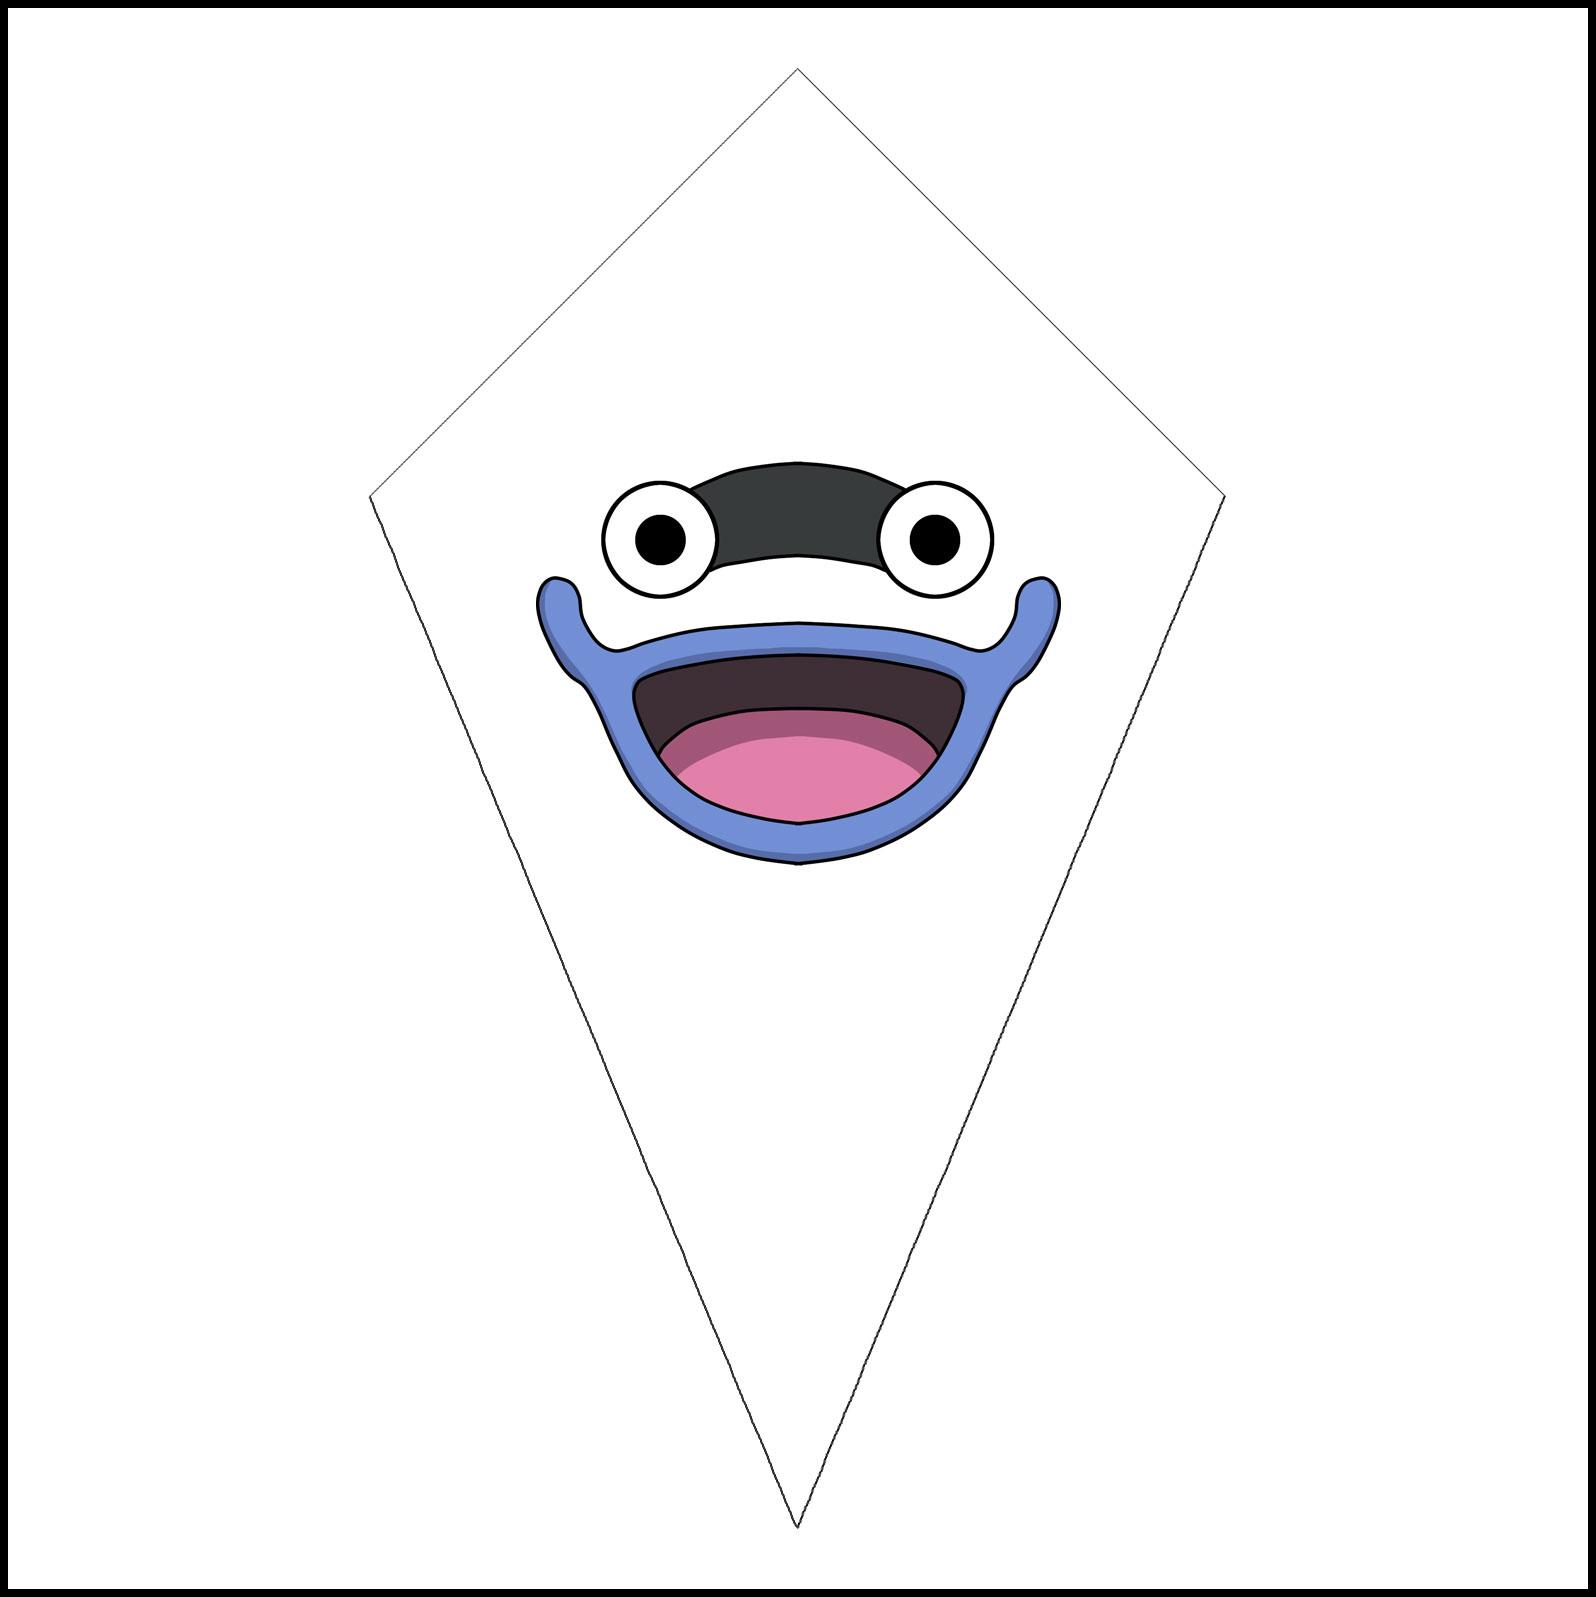 すべての折り紙 折り紙 妖怪 : 妖怪ウォッチのウィスパーを ...